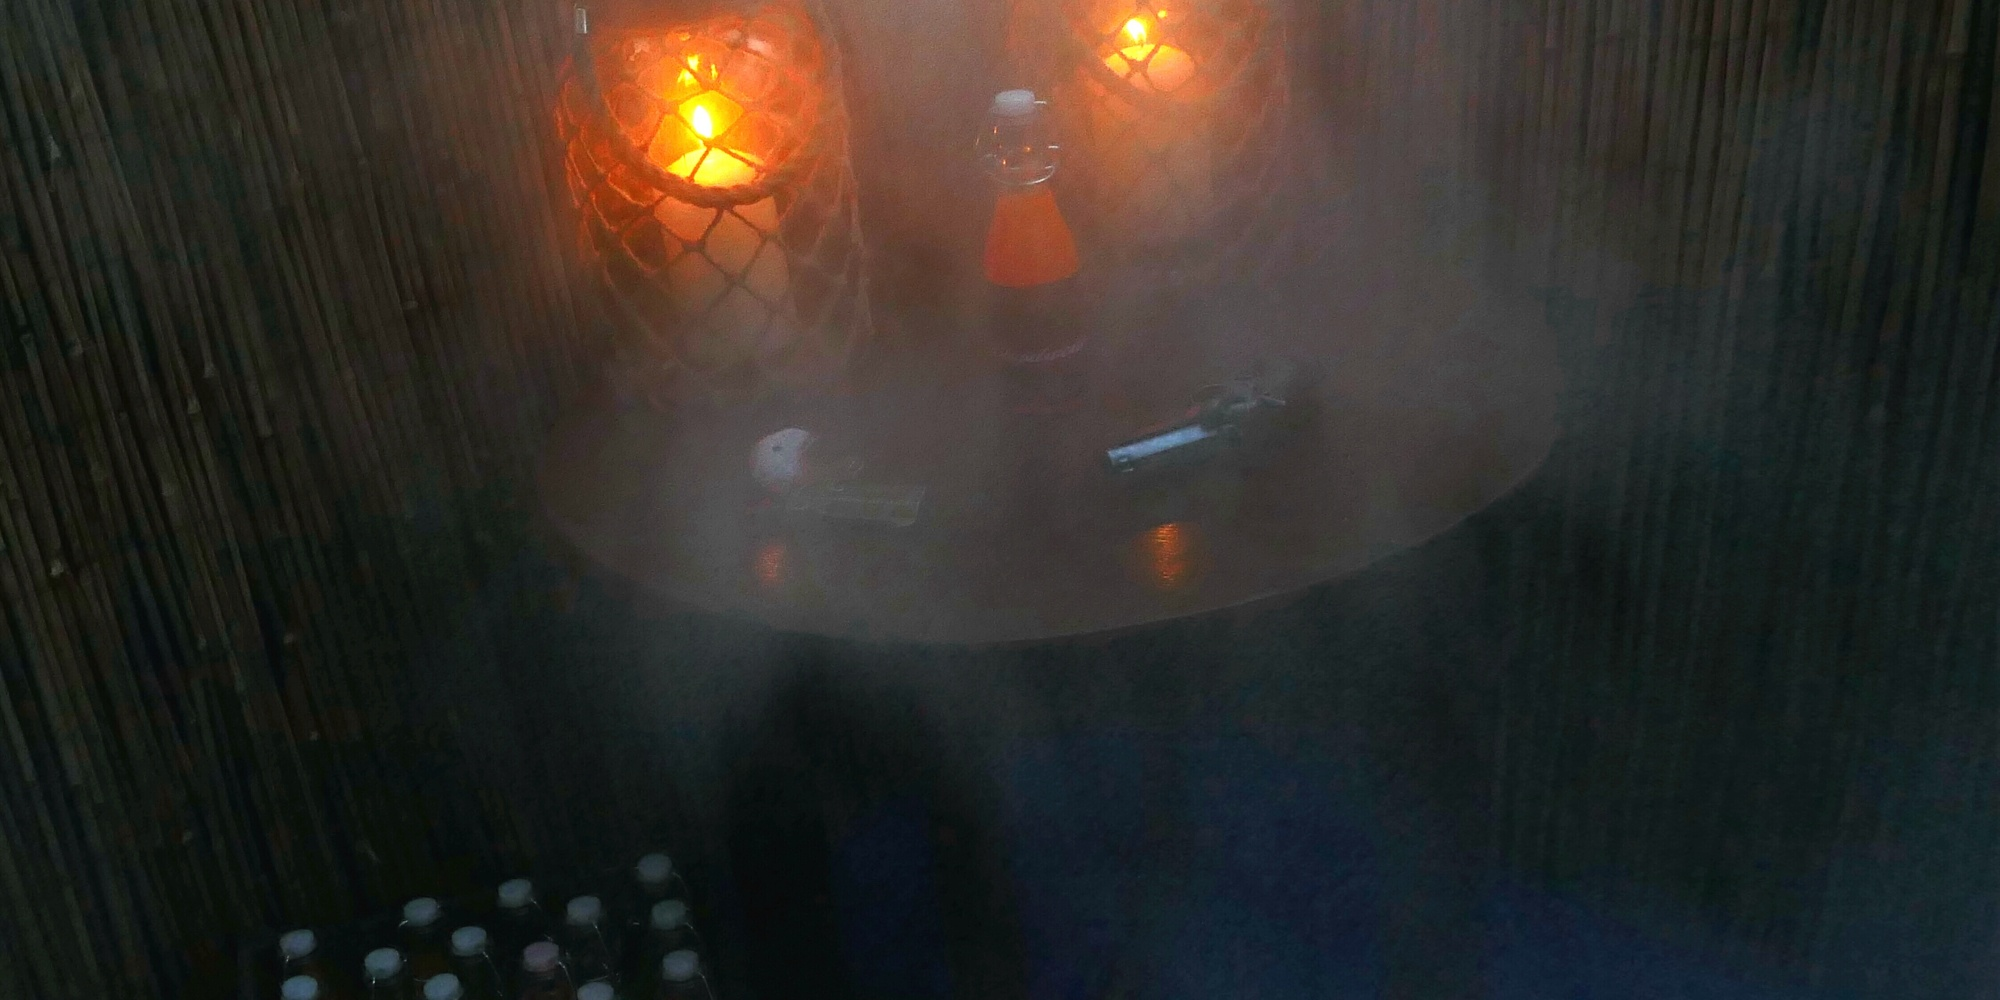 Nebel_vor_Duell_WWW